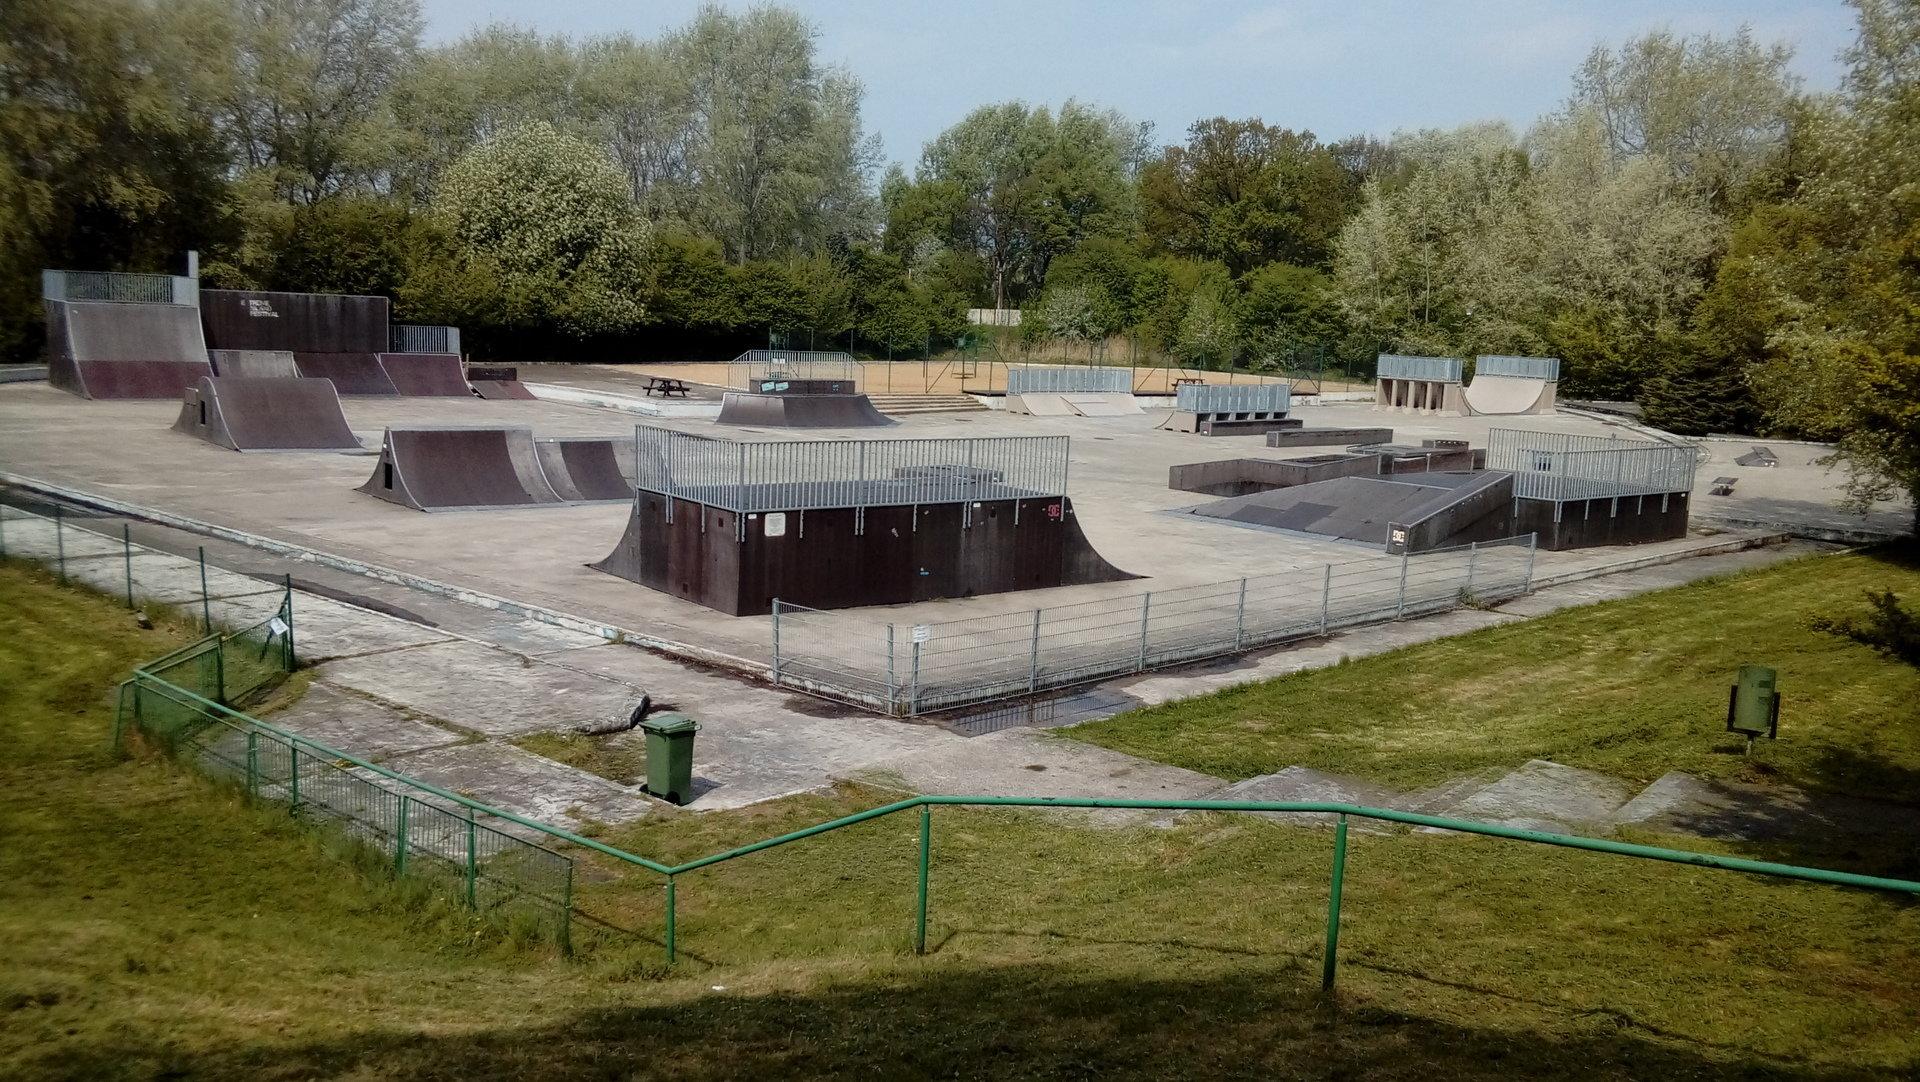 Zmiany w skateparku na Oddziale Rataje